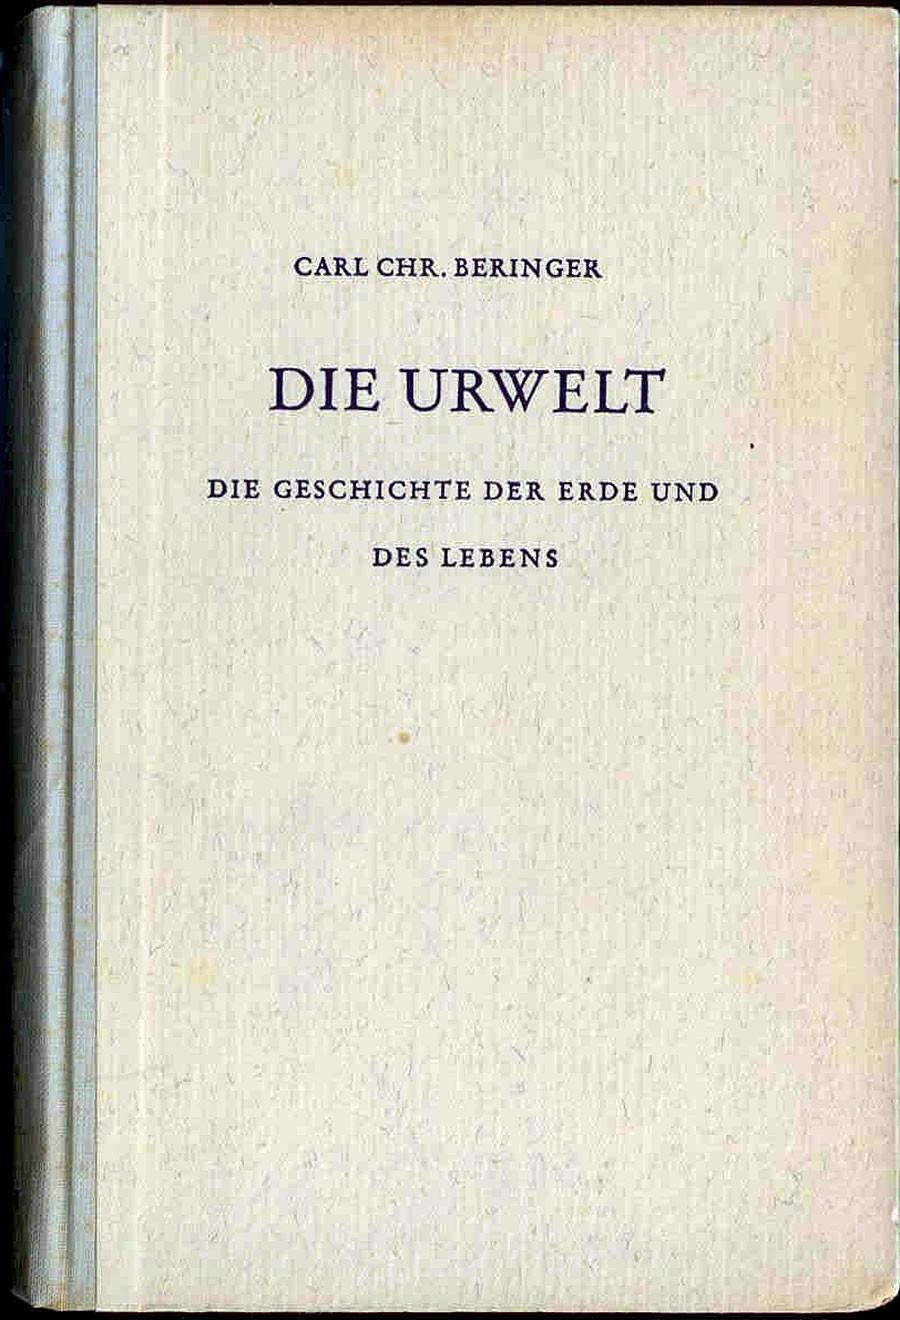 Beringer, Carl Christoph: Die Urwelt Die Geschichte der Erde und des Lebens